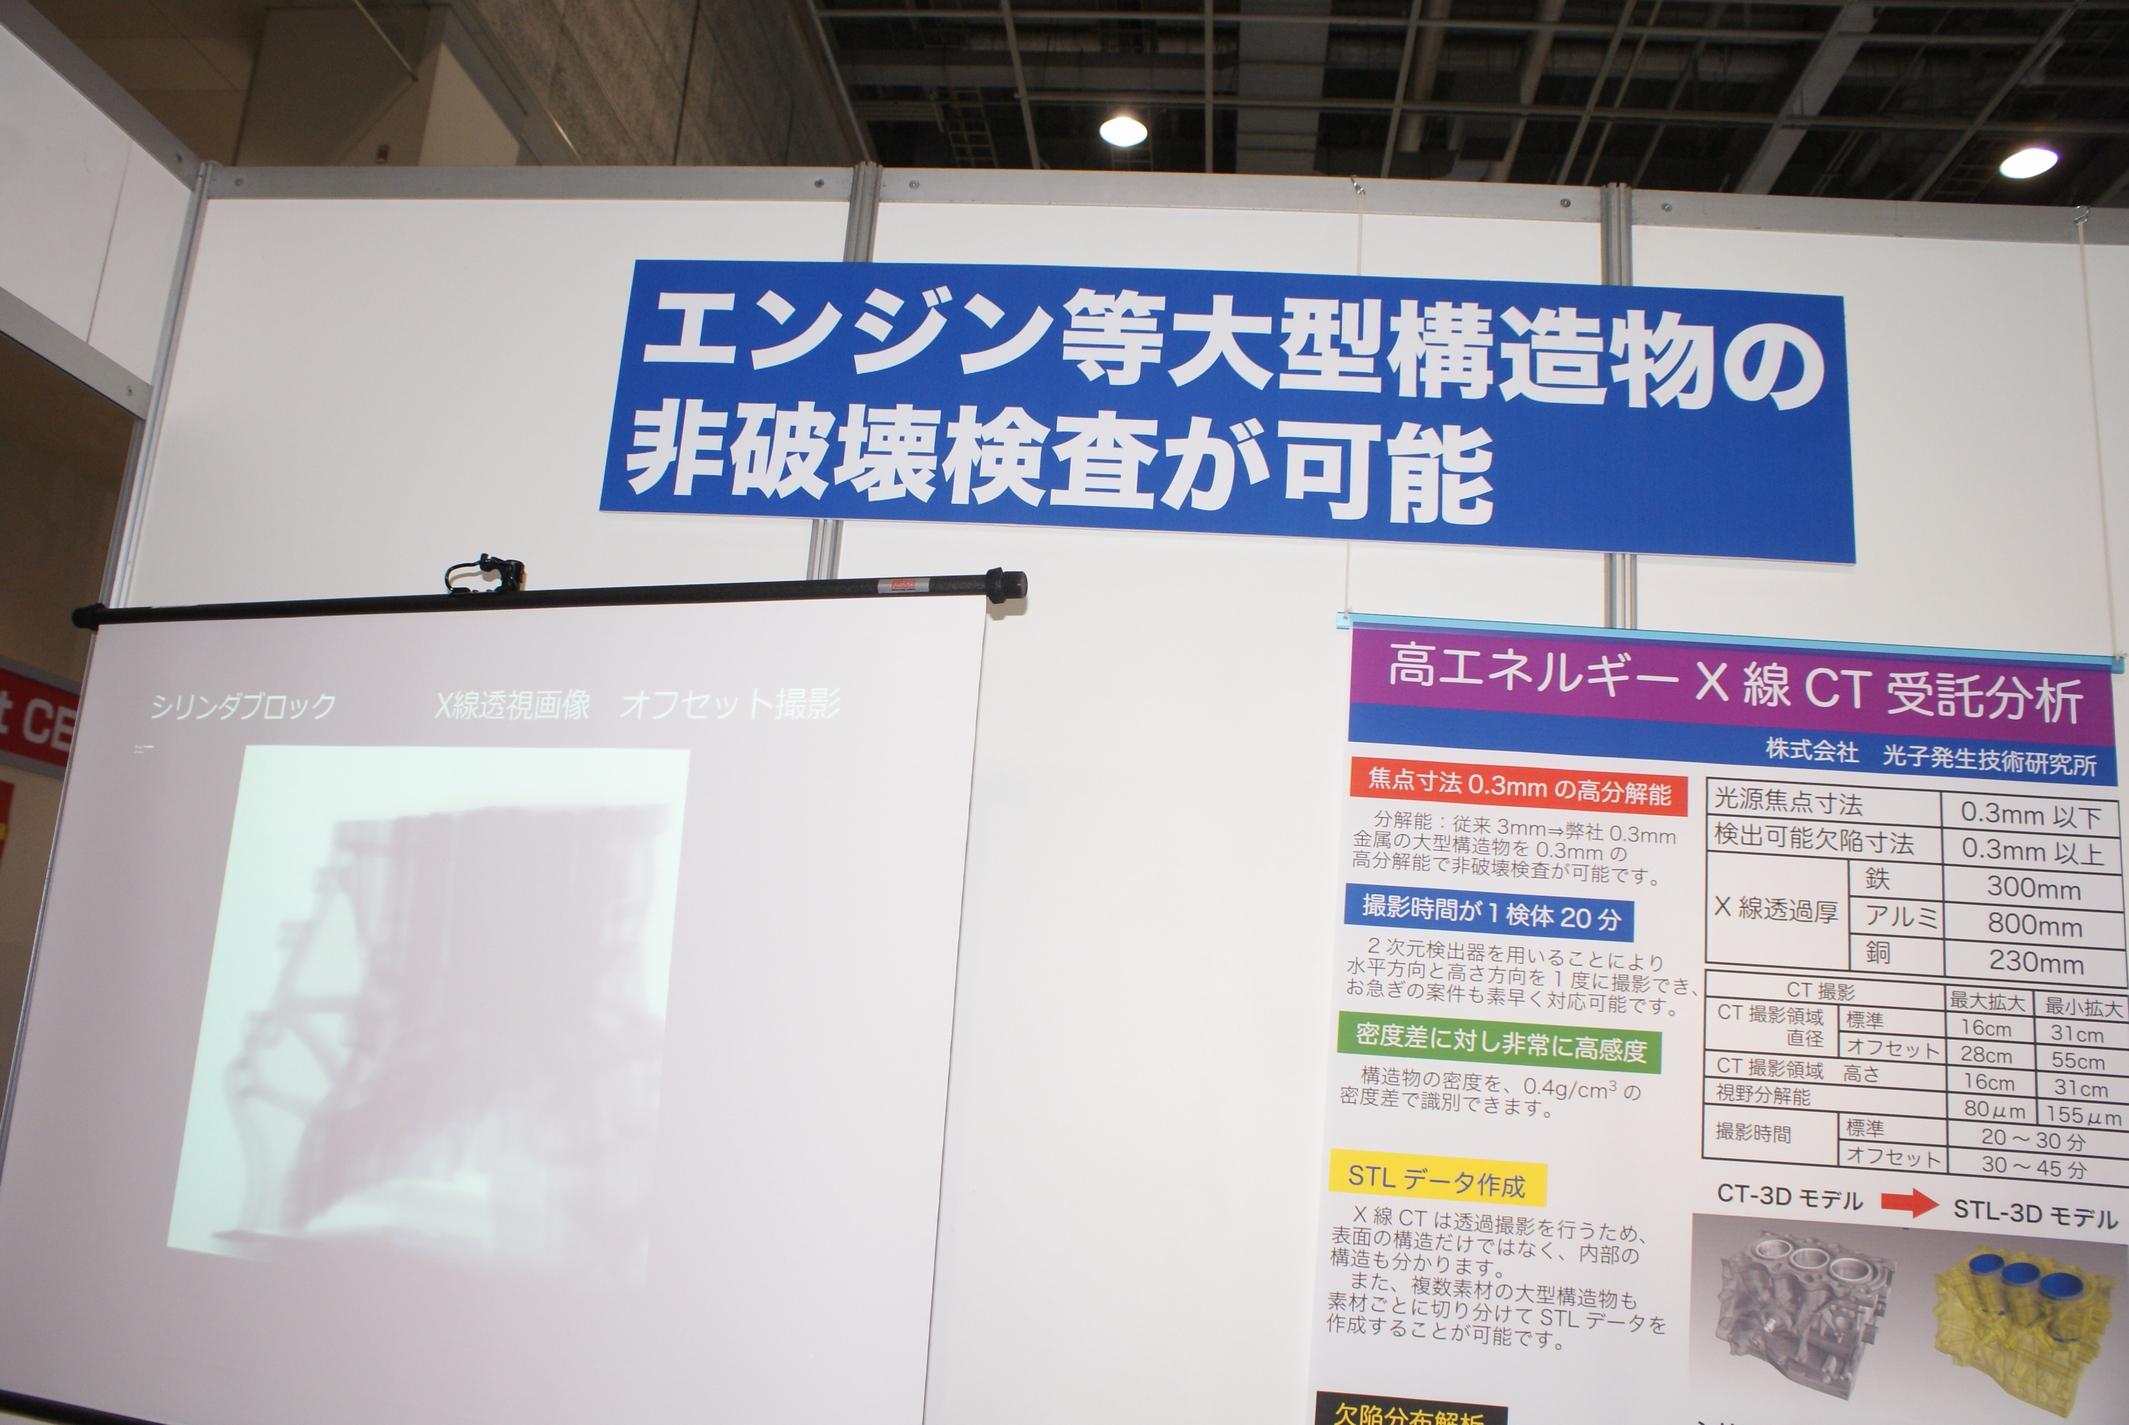 「【関西 ものづくりワールド2015】光子発生技術研究所が自動車部品用のX線CT技術を出展」の2枚目の画像